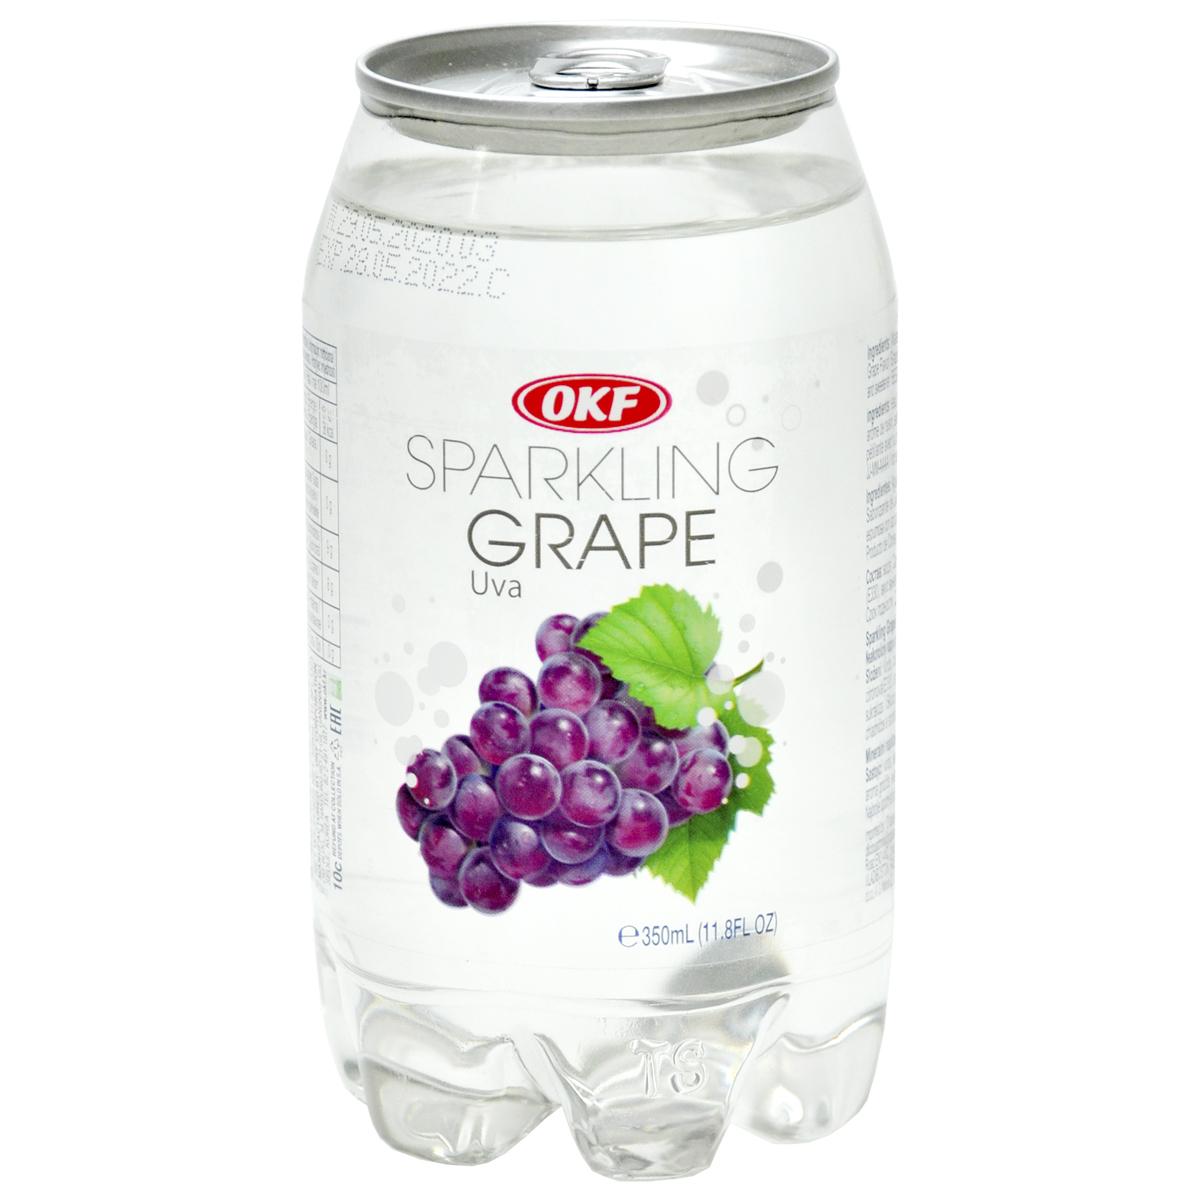 Газированная вода со вкусом винограда